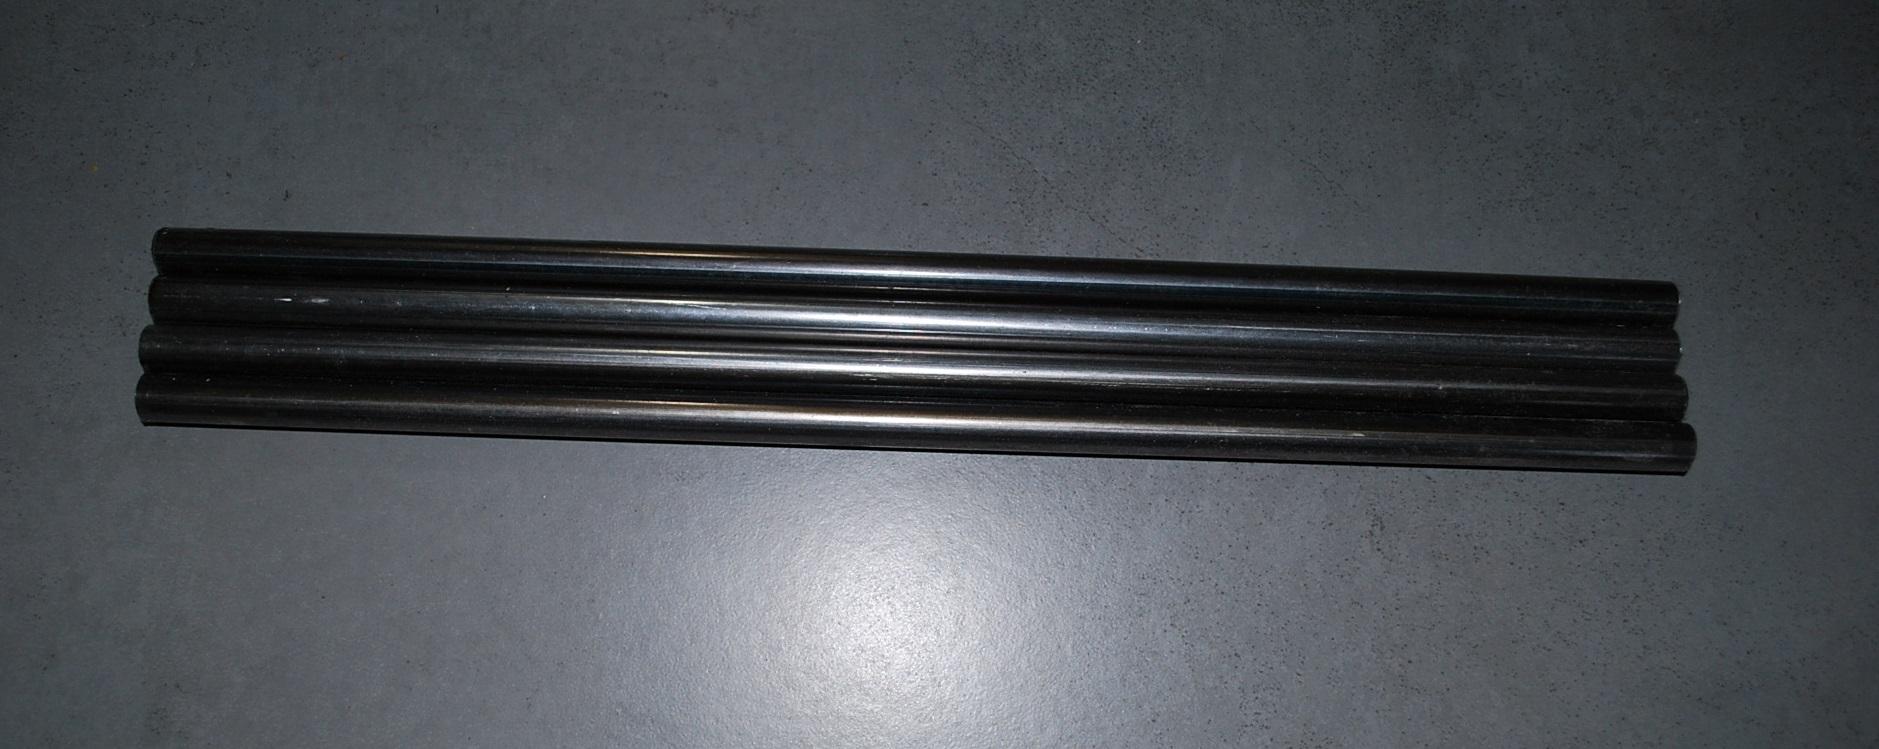 Tabouret sablier DSC 0383 - Copie.JPG